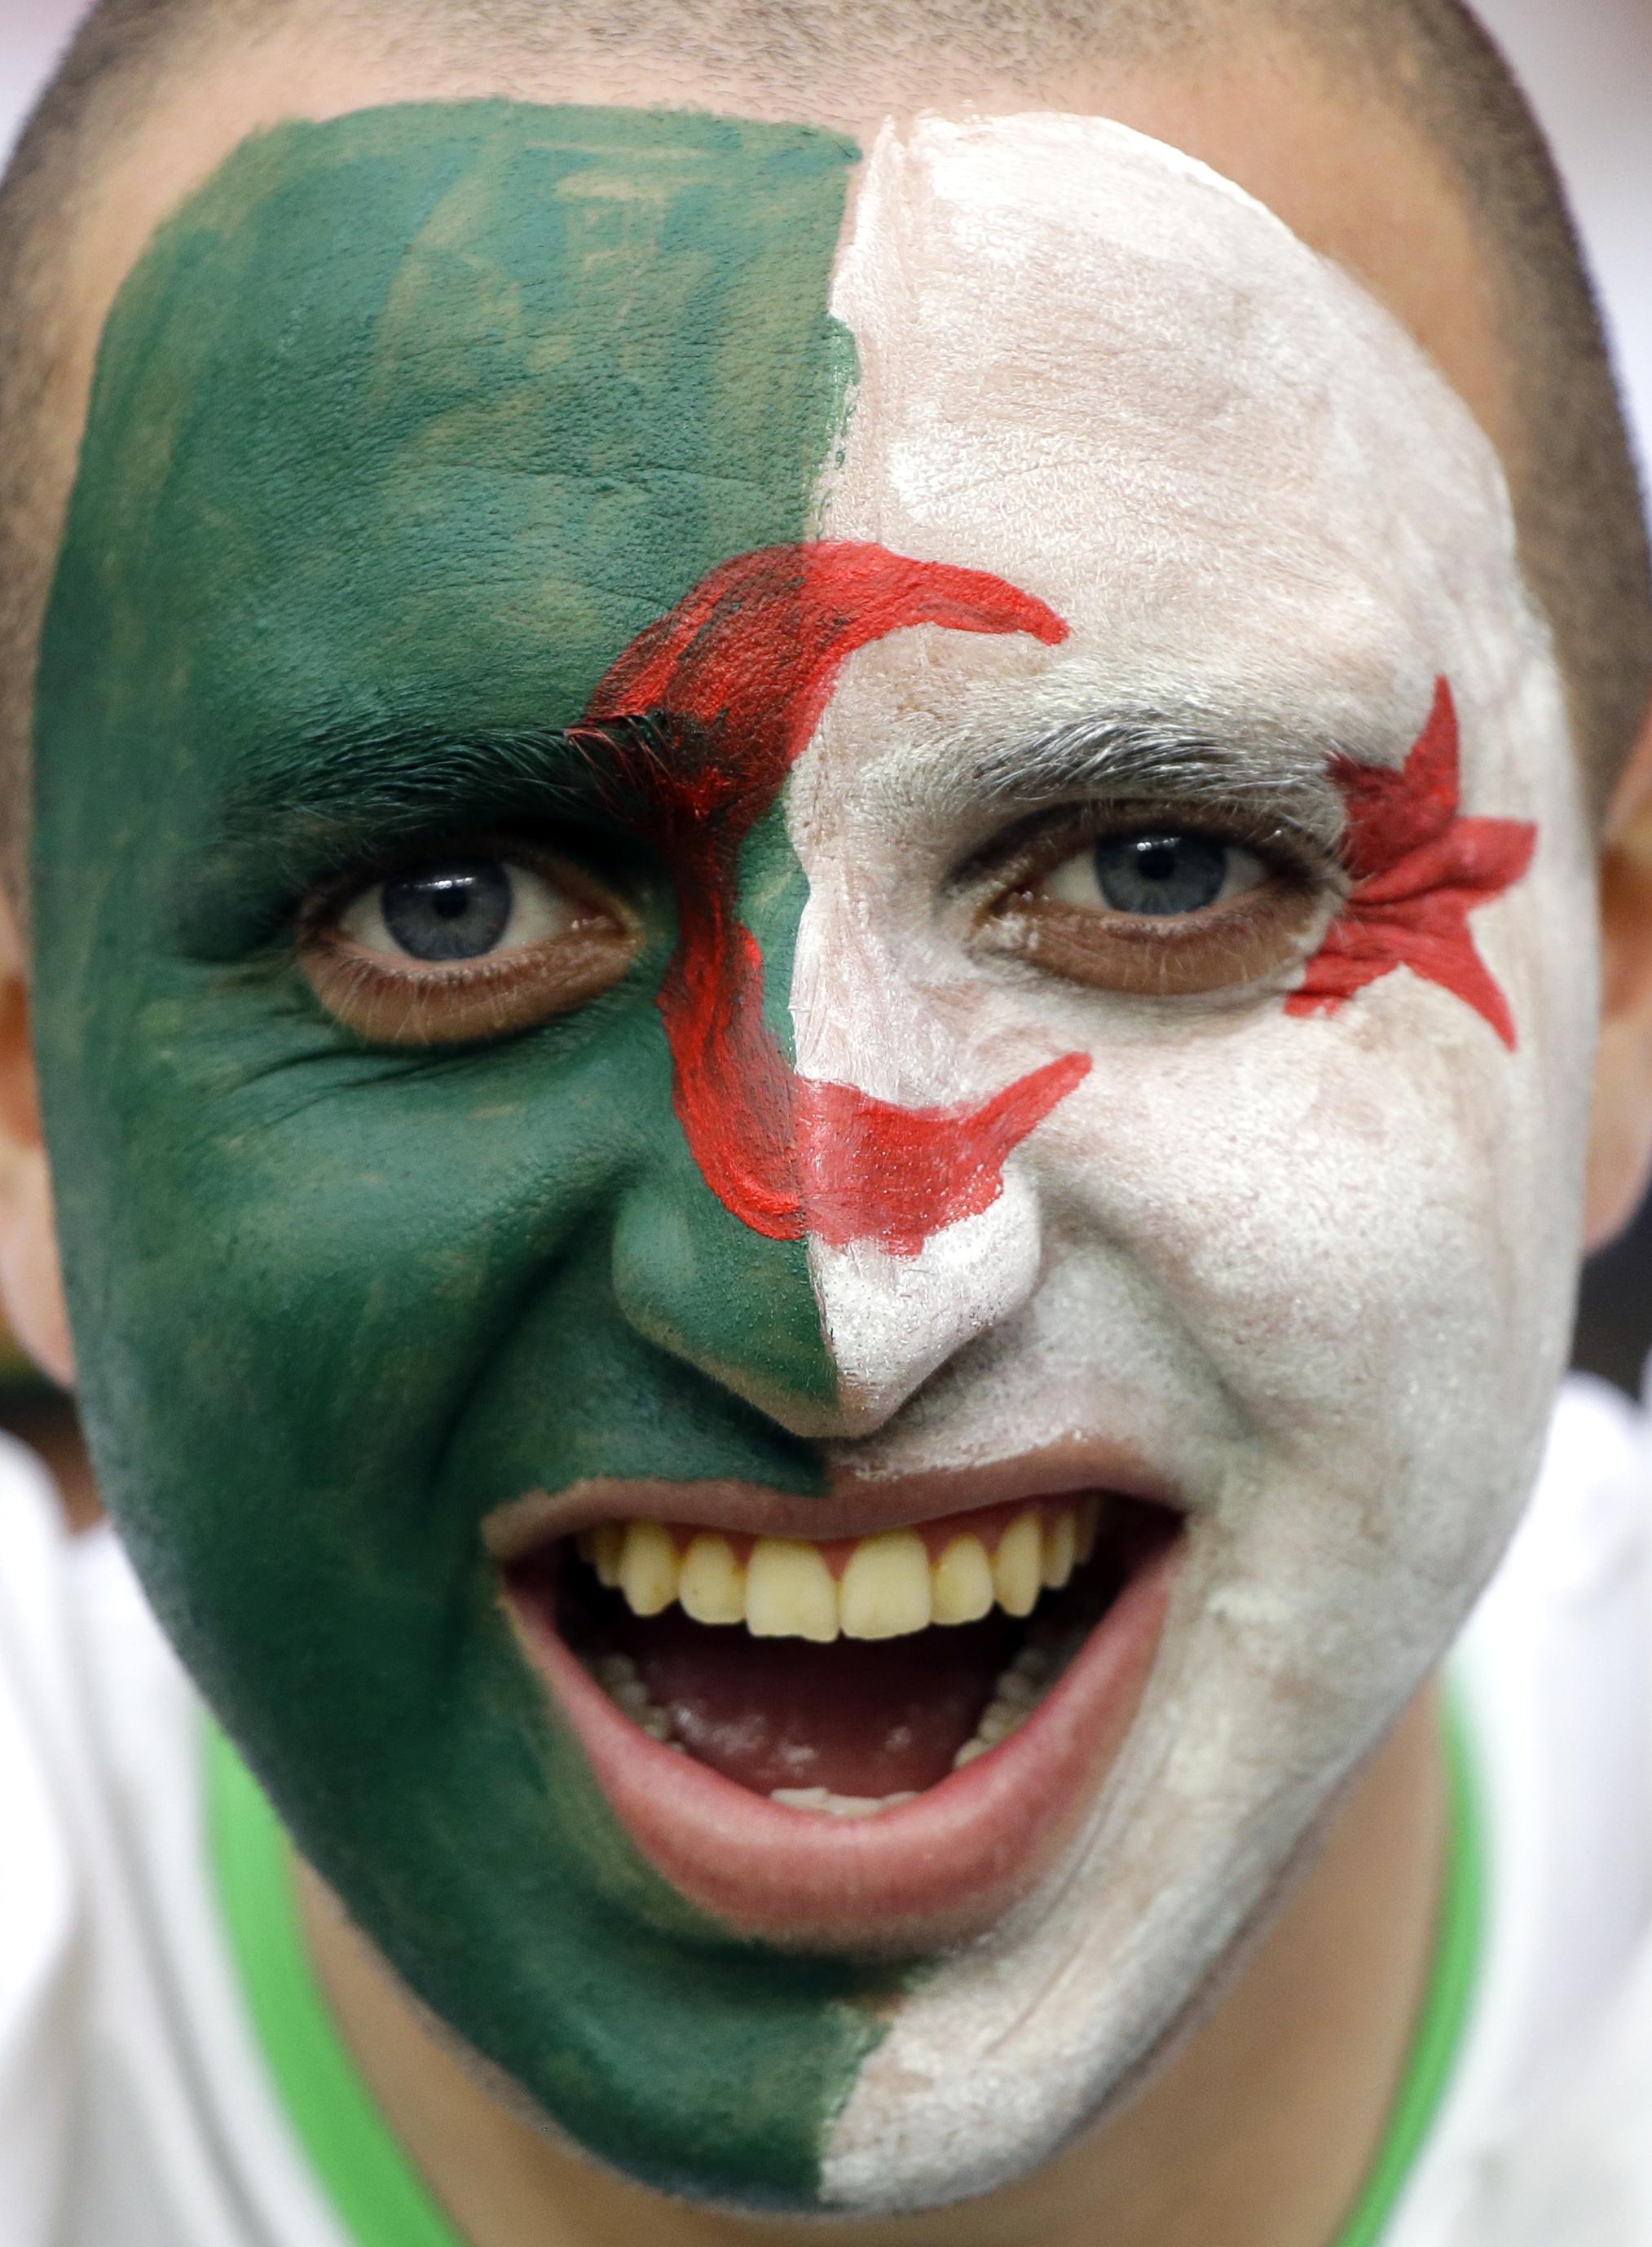 Algeria Ligue 1 pronostici 11 settembre: quote e statistiche